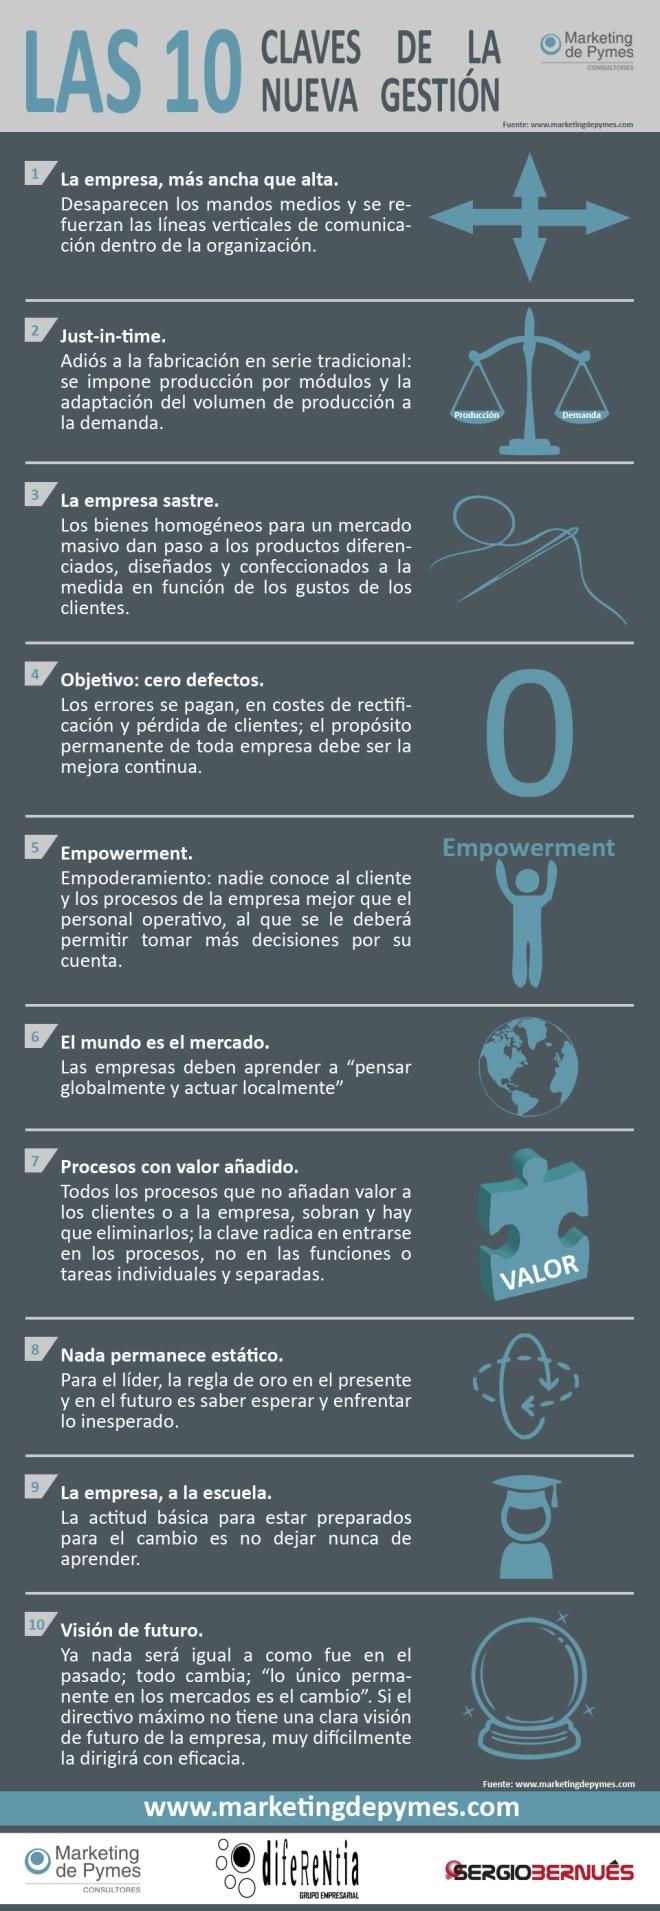 Las 10 claves de la nueva gestión de empresas